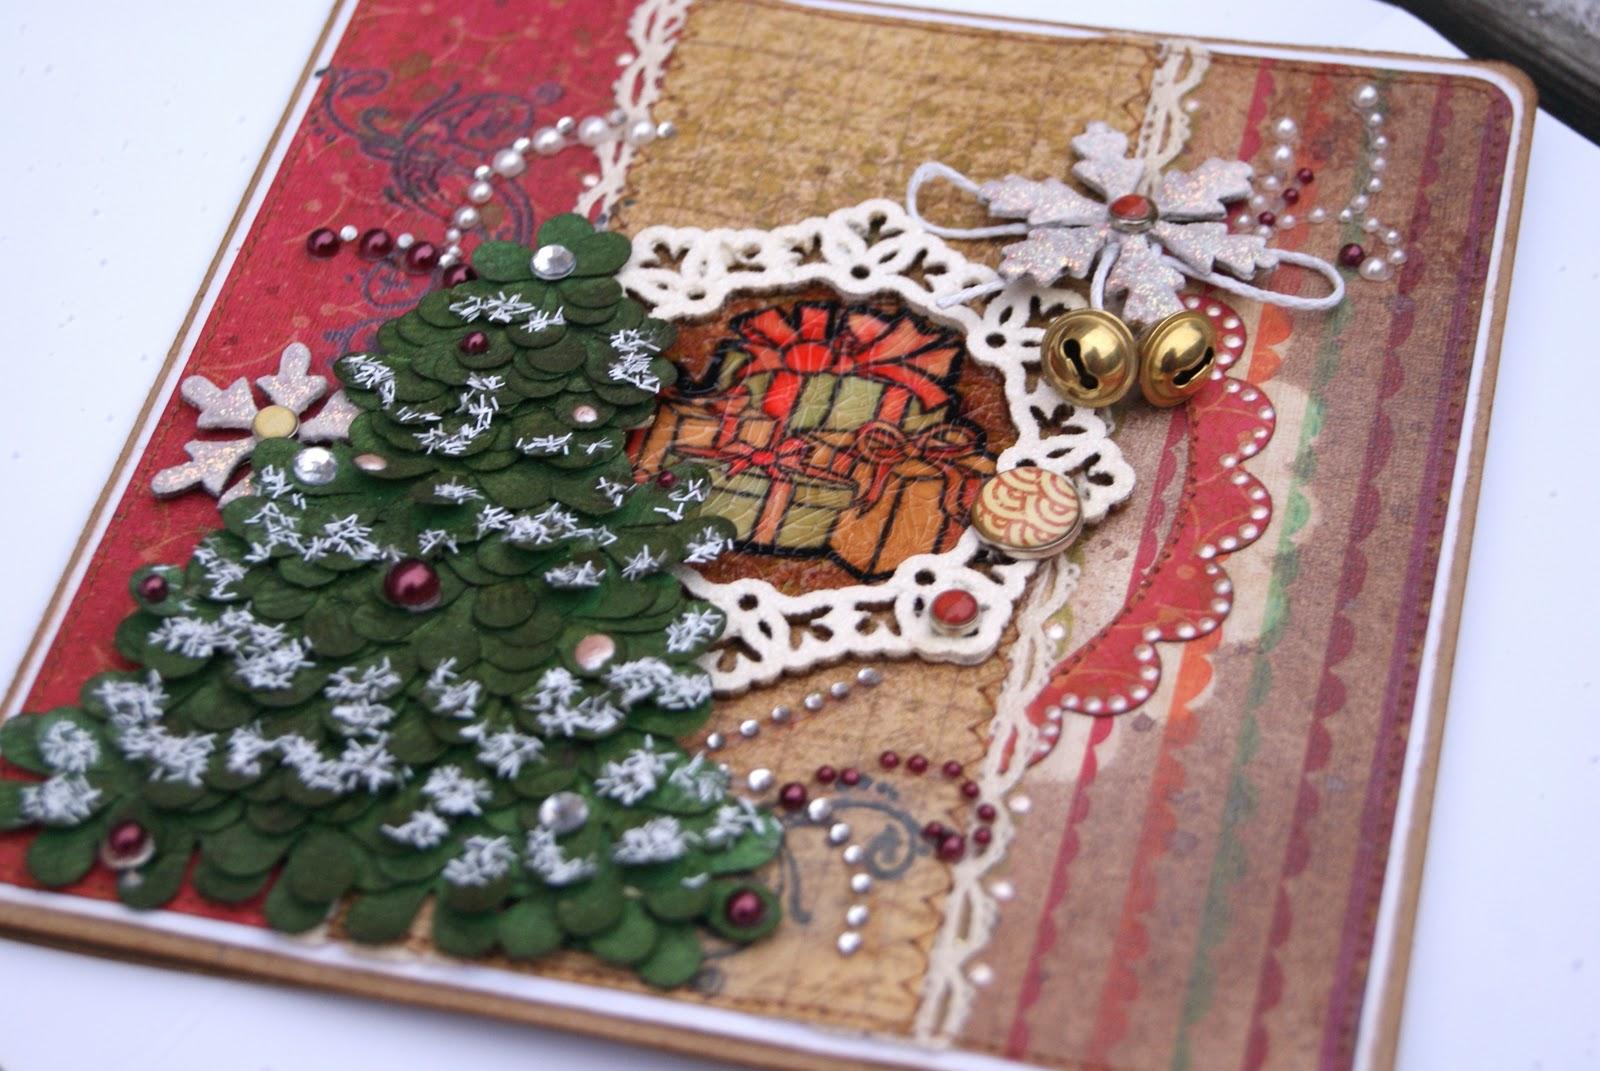 Сделать открытку на новый год фото, отпуска картинки прикольные